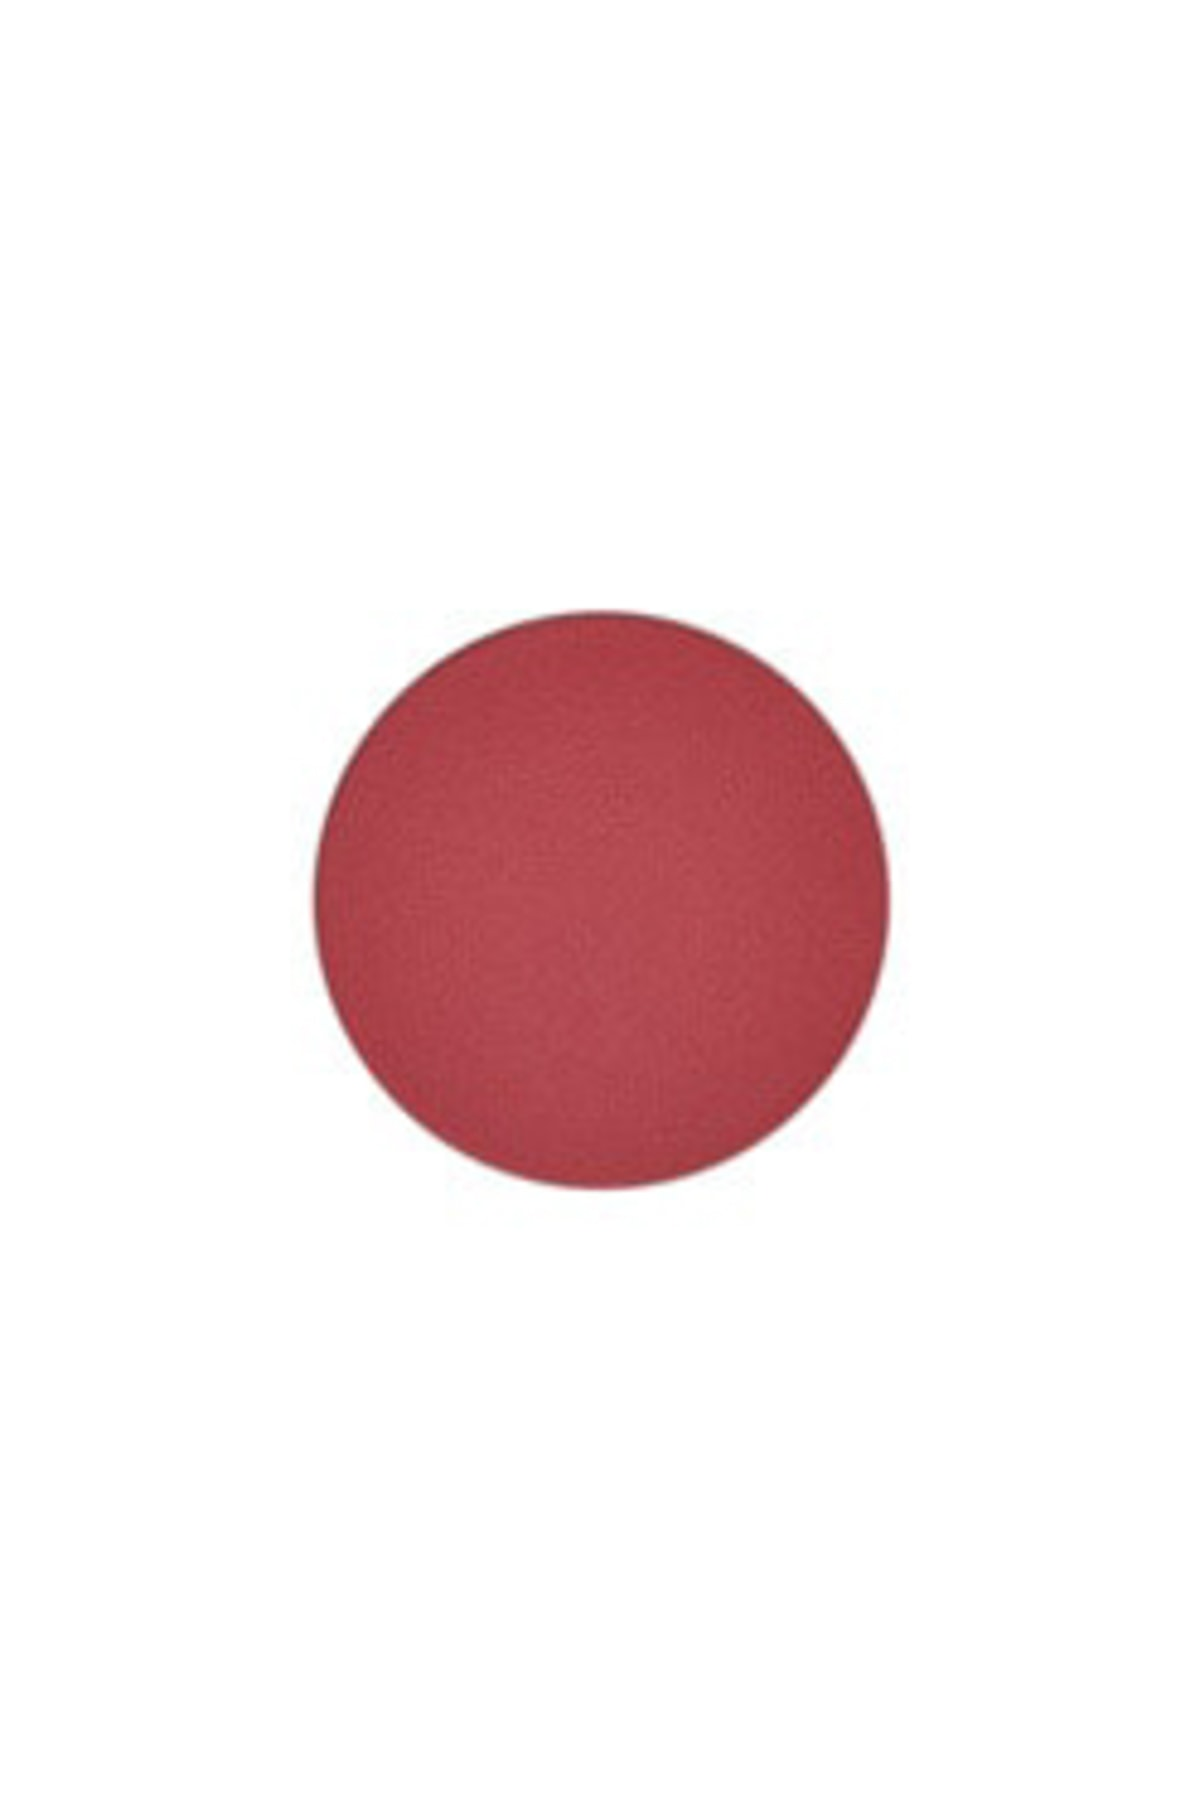 M.A.C Göz Farı - Refill Far Haute Sauce 773602572809 1